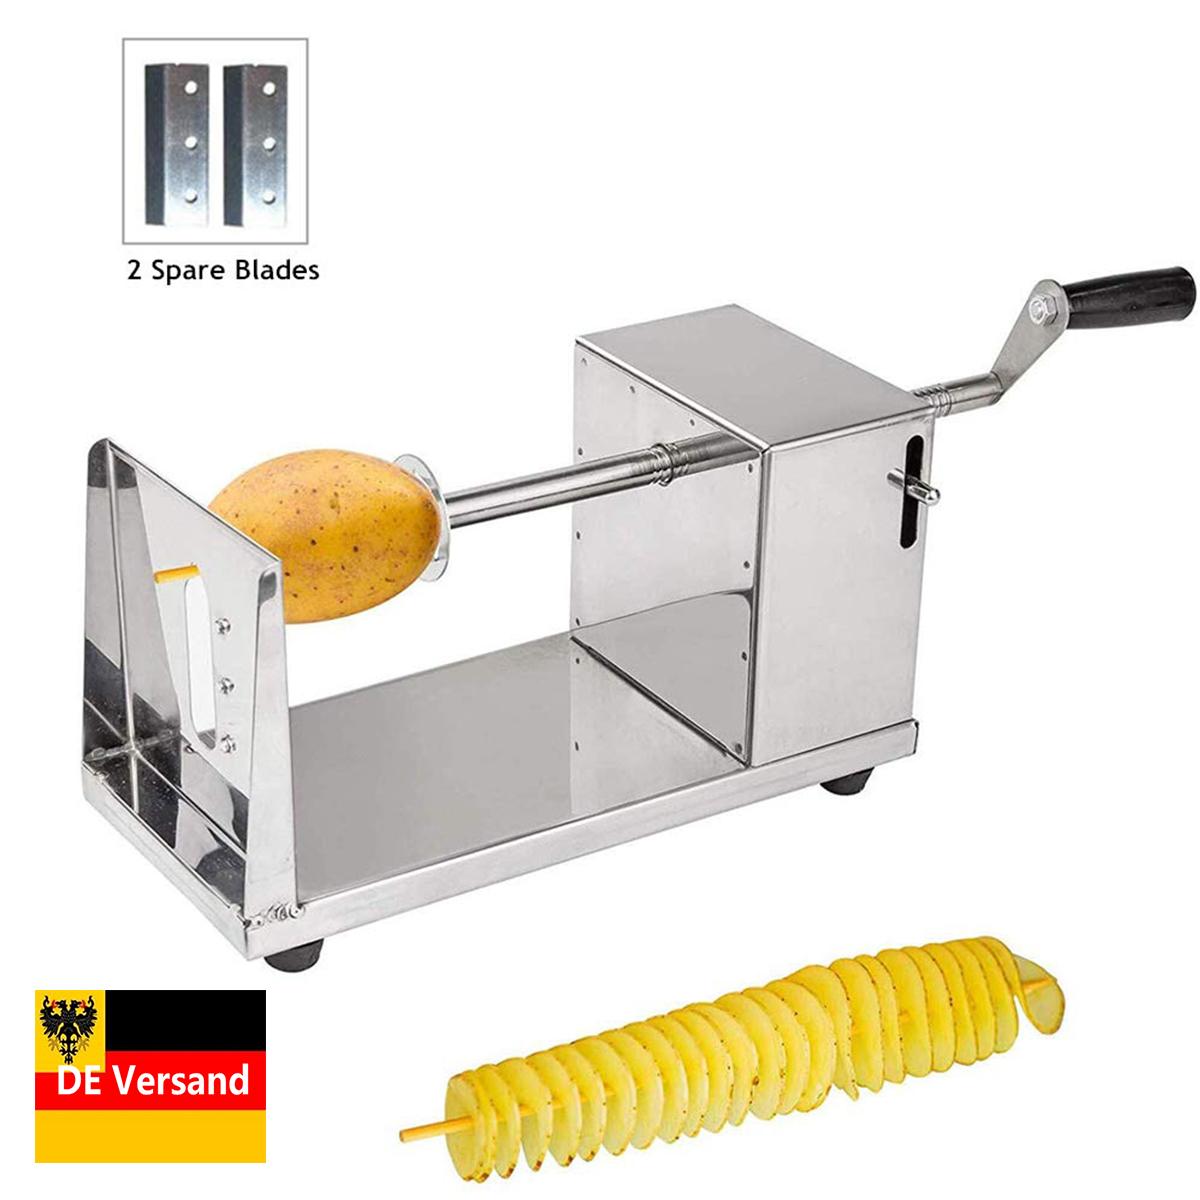 Edelstahl Kartoffelschneider Spiralschneider Chips Slicer Twister für Gemüse